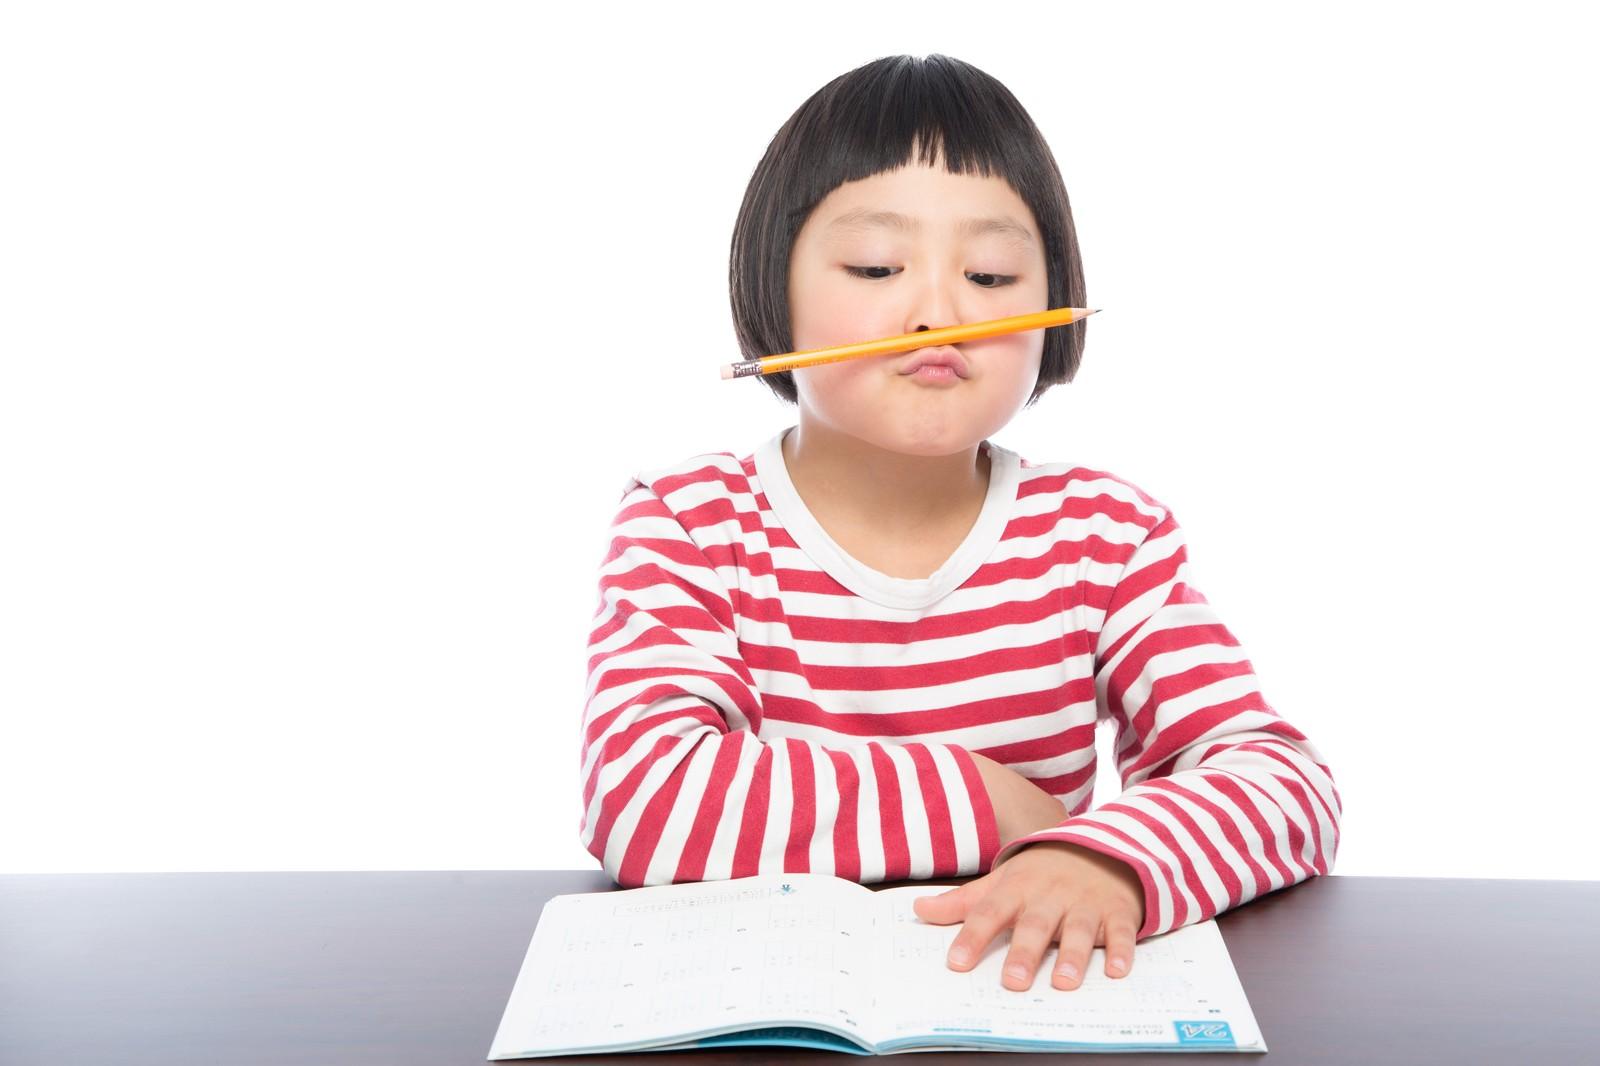 英語の勉強方法で悩んでいる方にすすめる10個の勉強法